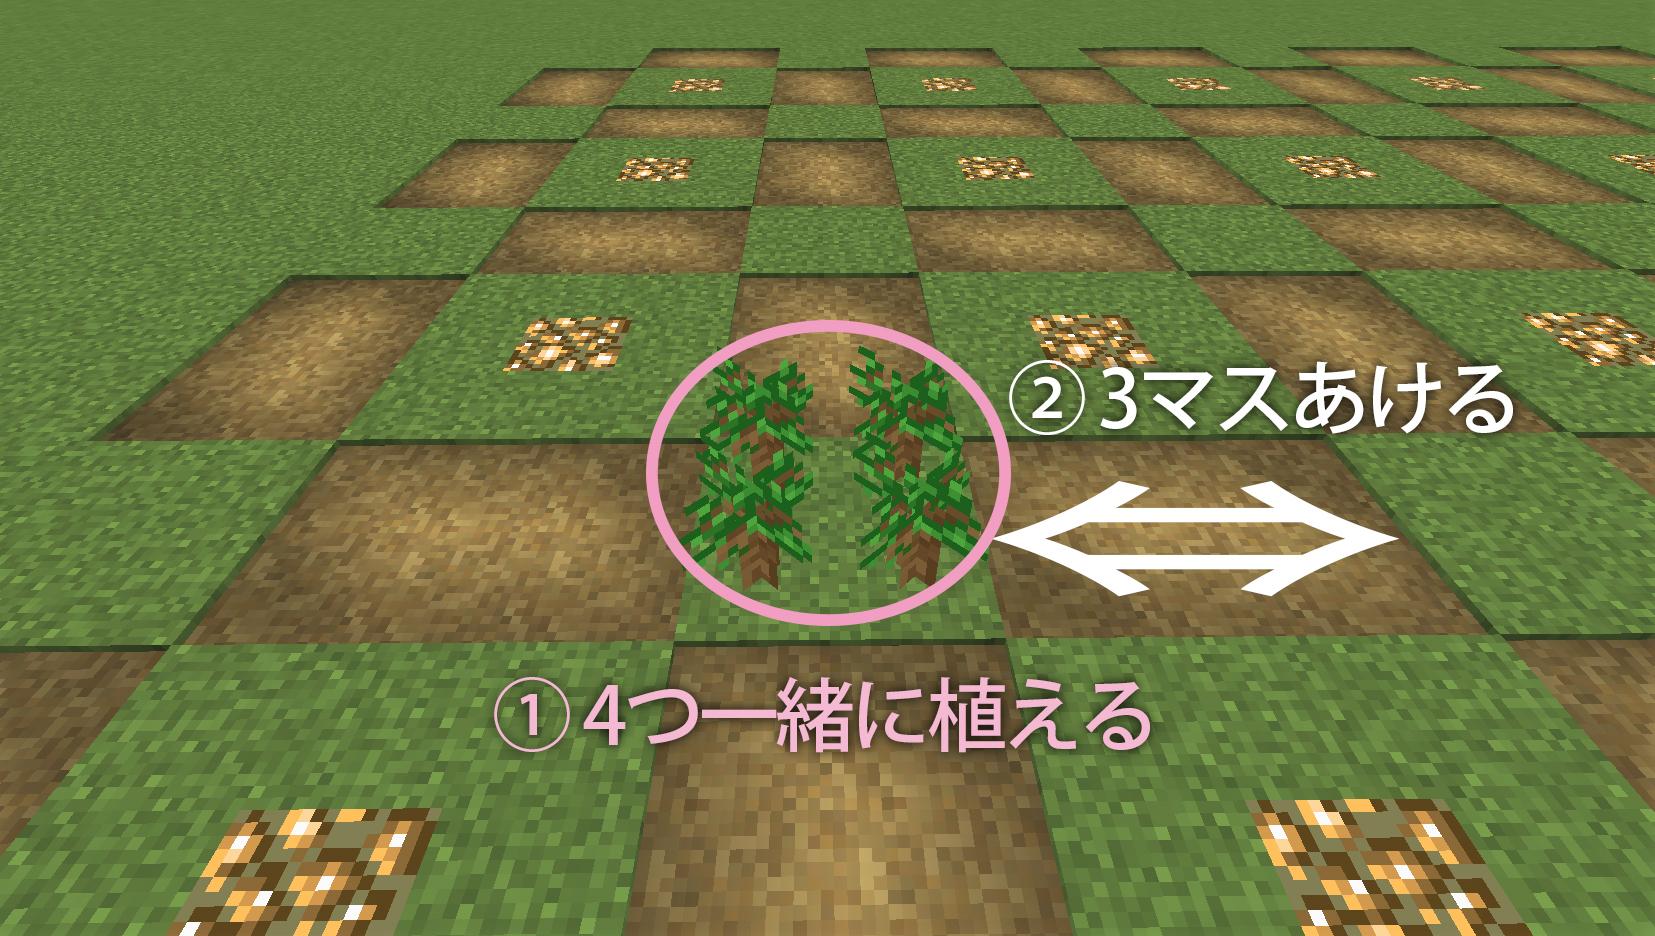 木を植えます3.jpg